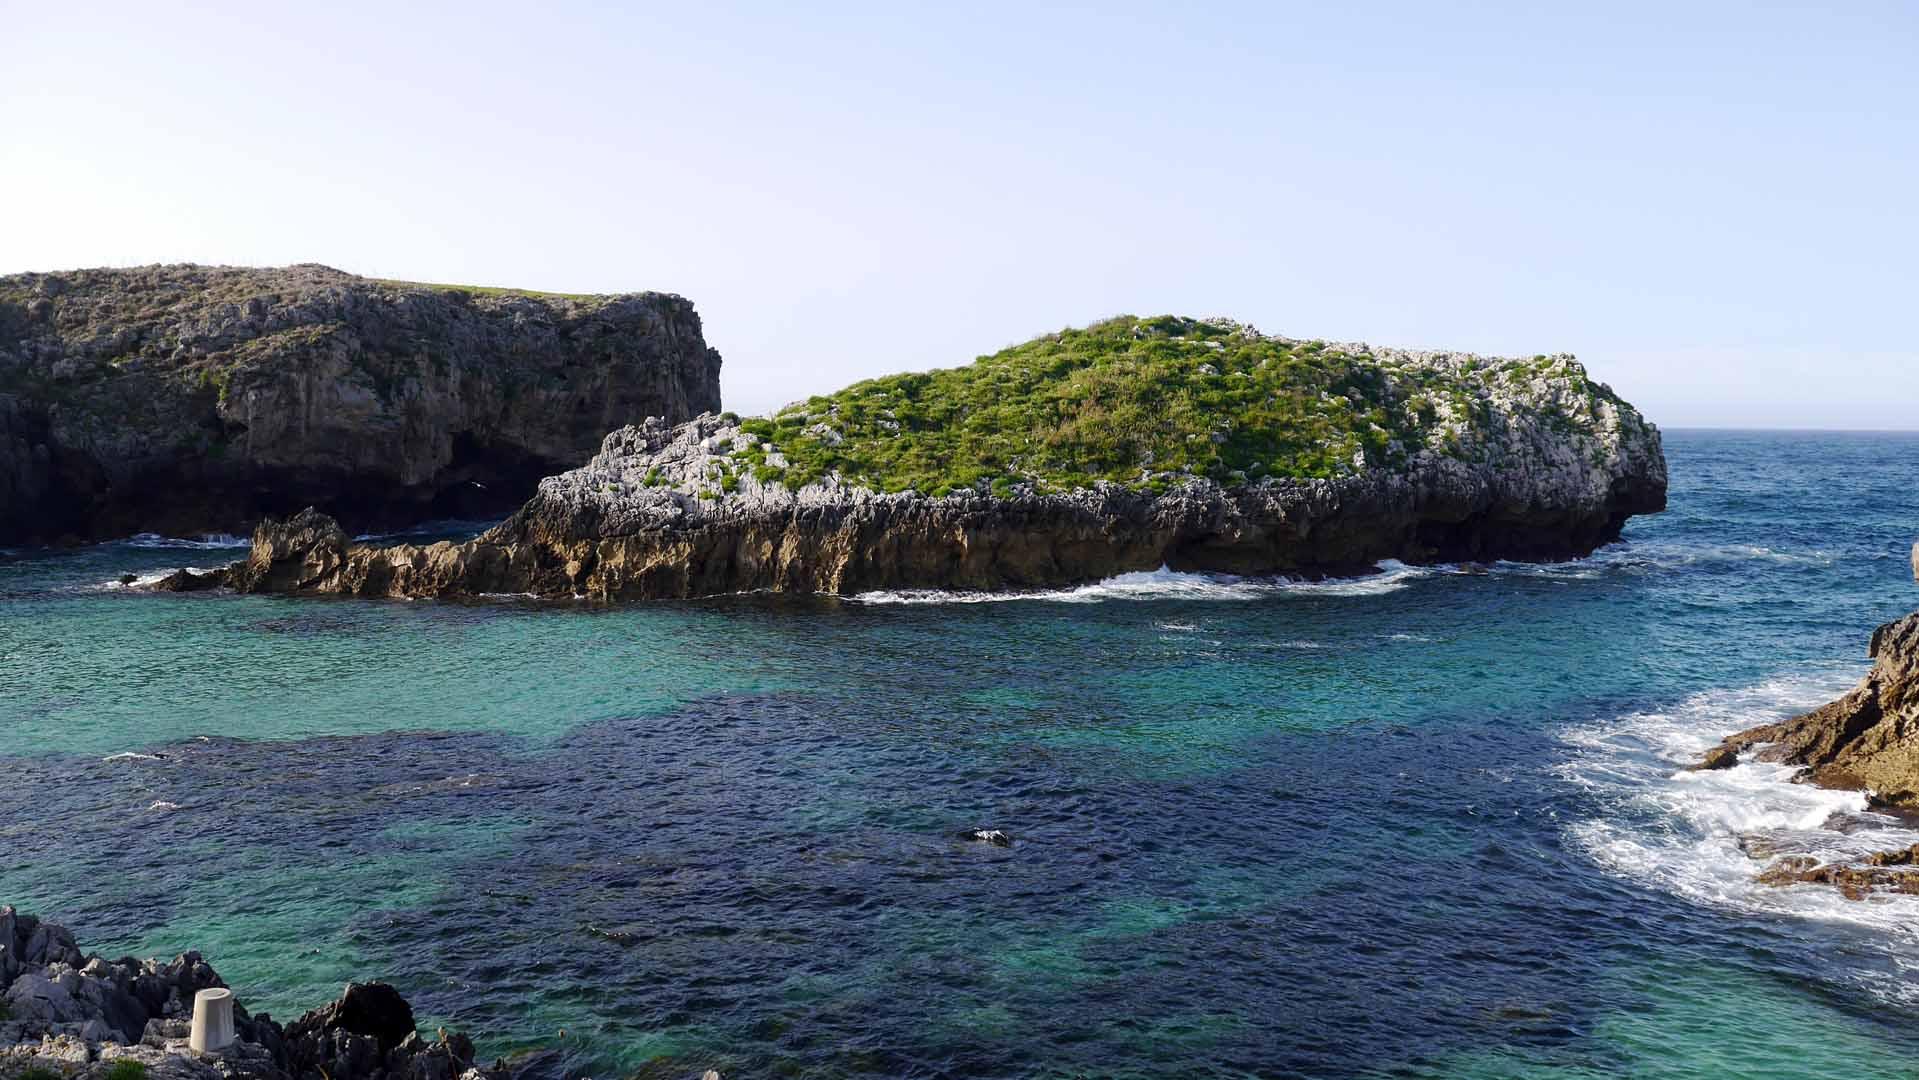 playa de cue llanes